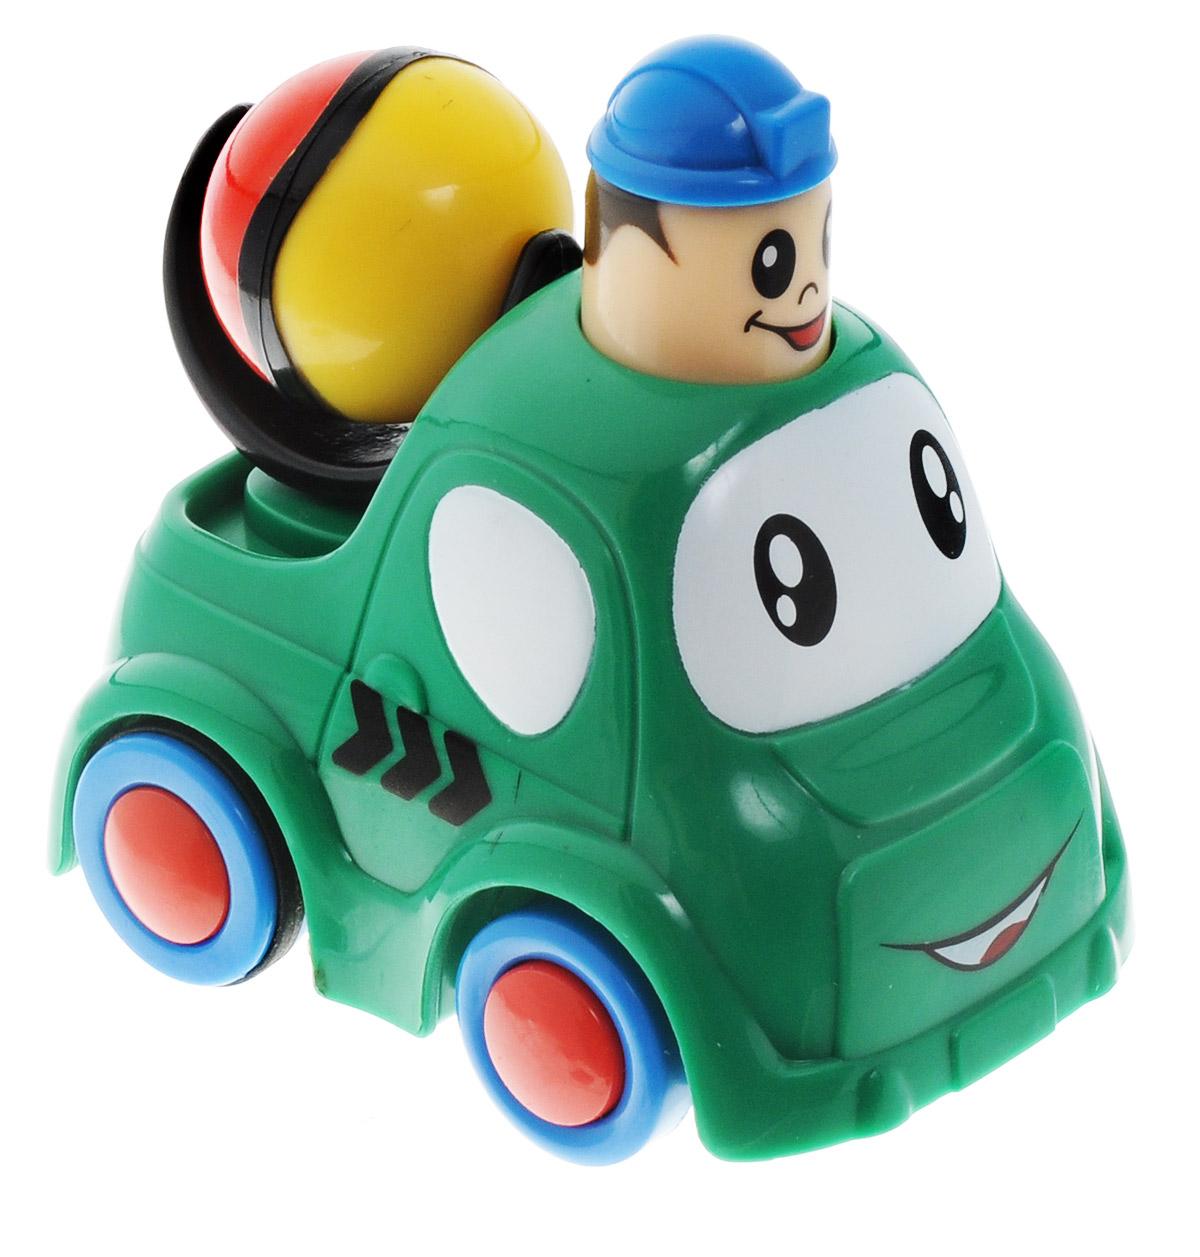 Simba Инерционная Мини-машинка цвет зеленый4019516_с шаромМини-машинка Simba привлечет внимание вашего ребенка и надолго останется его любимой игрушкой. Плавные формы без острых углов, яркие цвета - все это выгодно выделяет эту игрушку из ряда подобных. Кузов дополнен крутящимся шариком. Игрушка оснащена инерционным ходом. Необходимо нажать на голову водителя и отпустить - и машинка быстро поедет вперед. Машинка развивает концентрацию внимания, координацию движений, мелкую моторику рук, цветовое восприятие и воображение. Малыш будет часами играть с этой машинкой, придумывая разные истории.